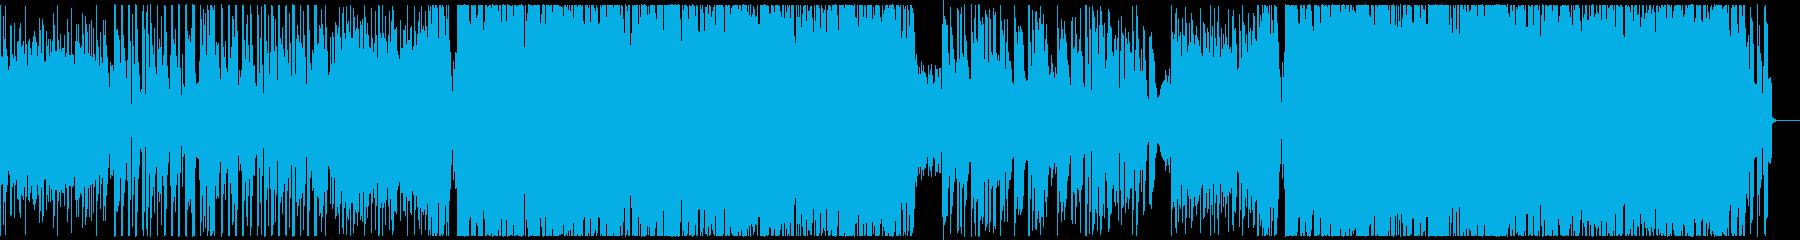 洋楽女性ボーカル/シンセウェーブ・80sの再生済みの波形